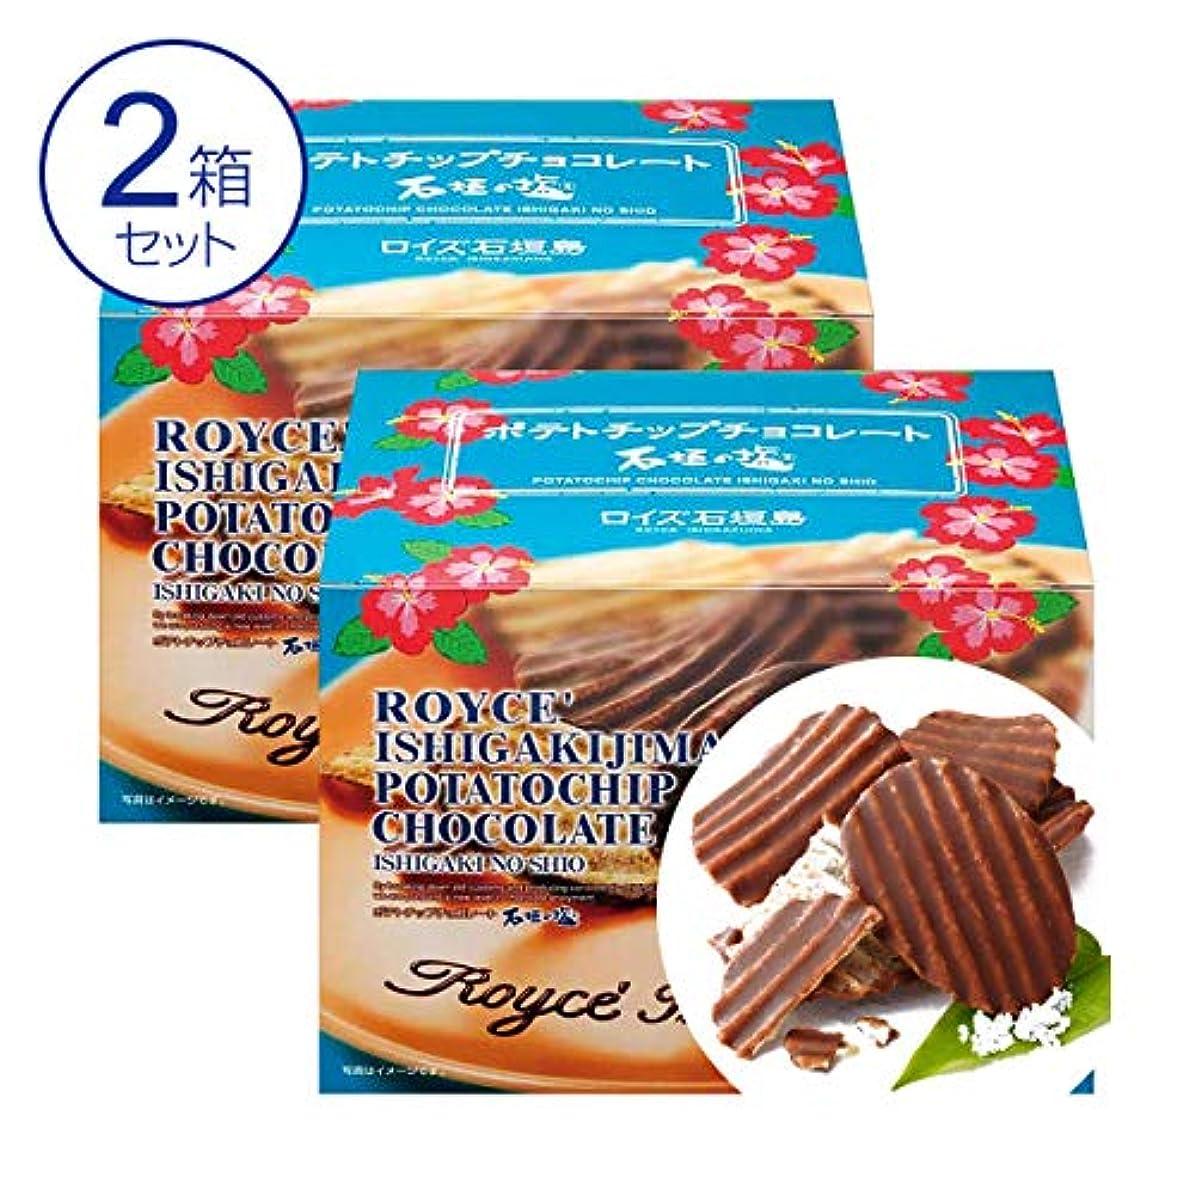 も薄い他の日【ロイズ石垣島】ポテトチップチョコレート『石垣の塩』(2箱セット)